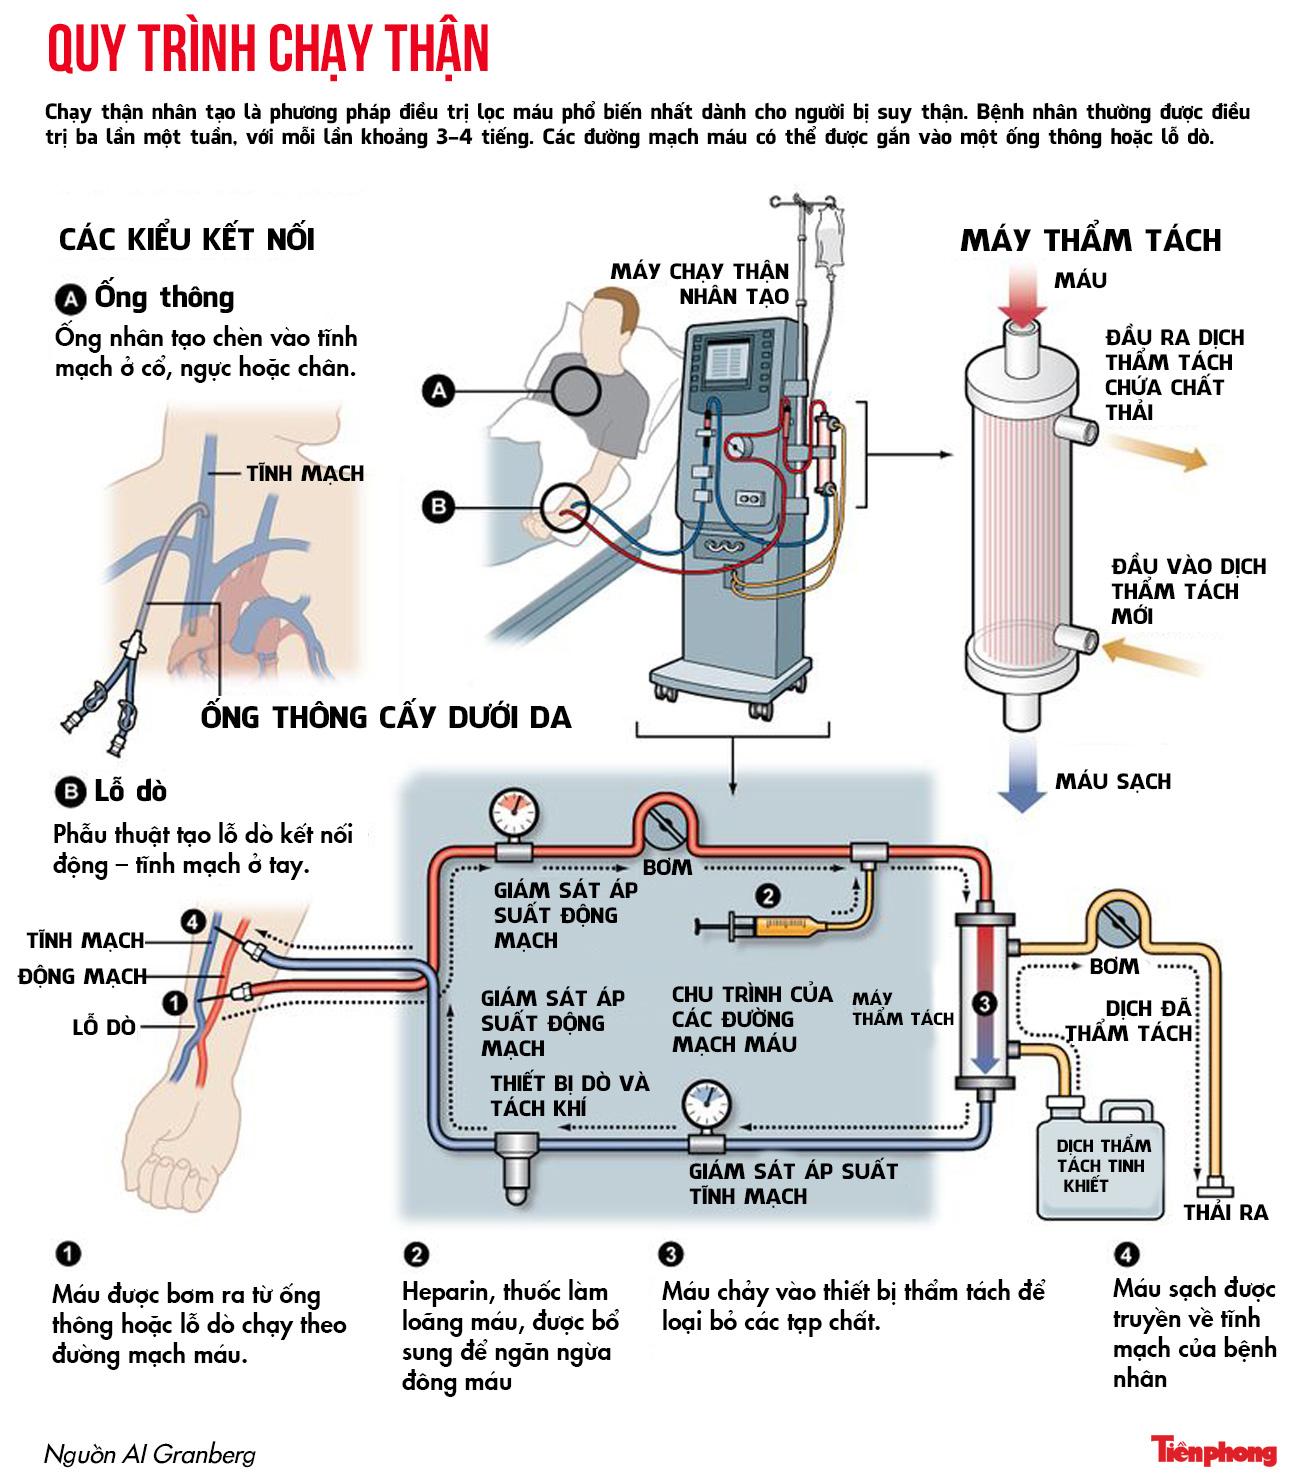 Infographic: Cận cảnh quy trình lọc máu cho bệnh nhân suy thận - 1